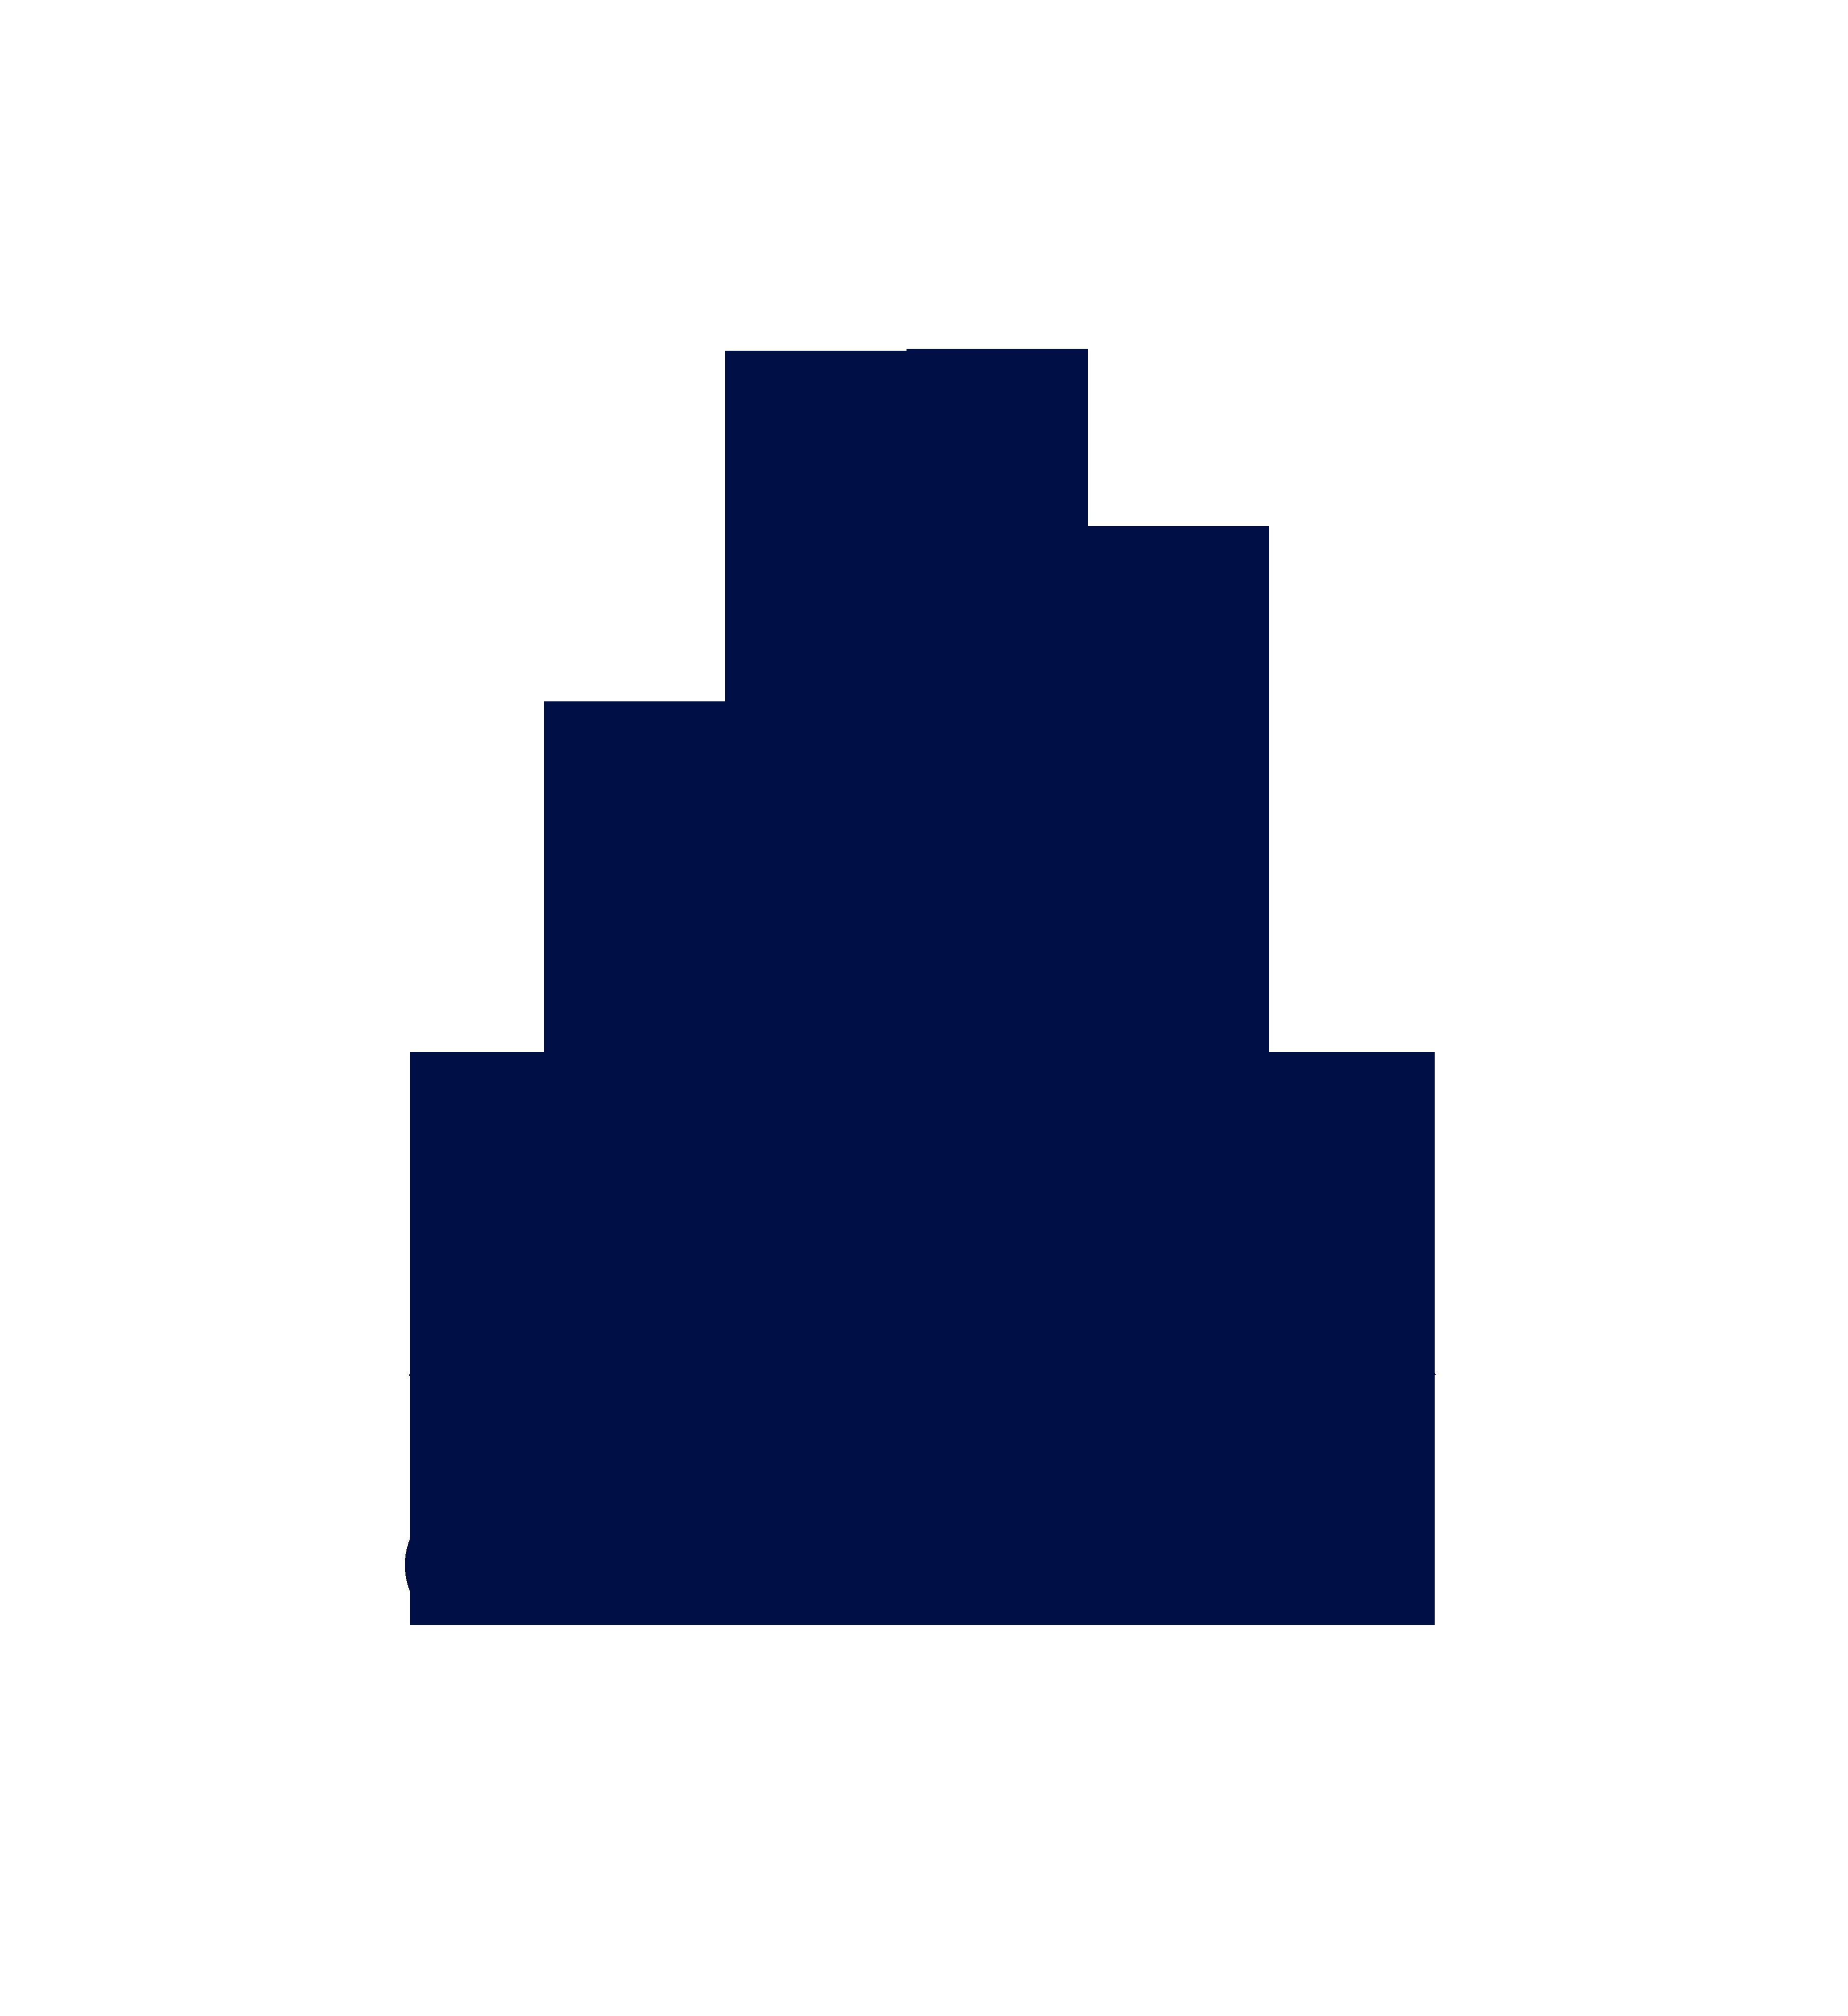 Almondia logo mit zusatz dark blue positiv